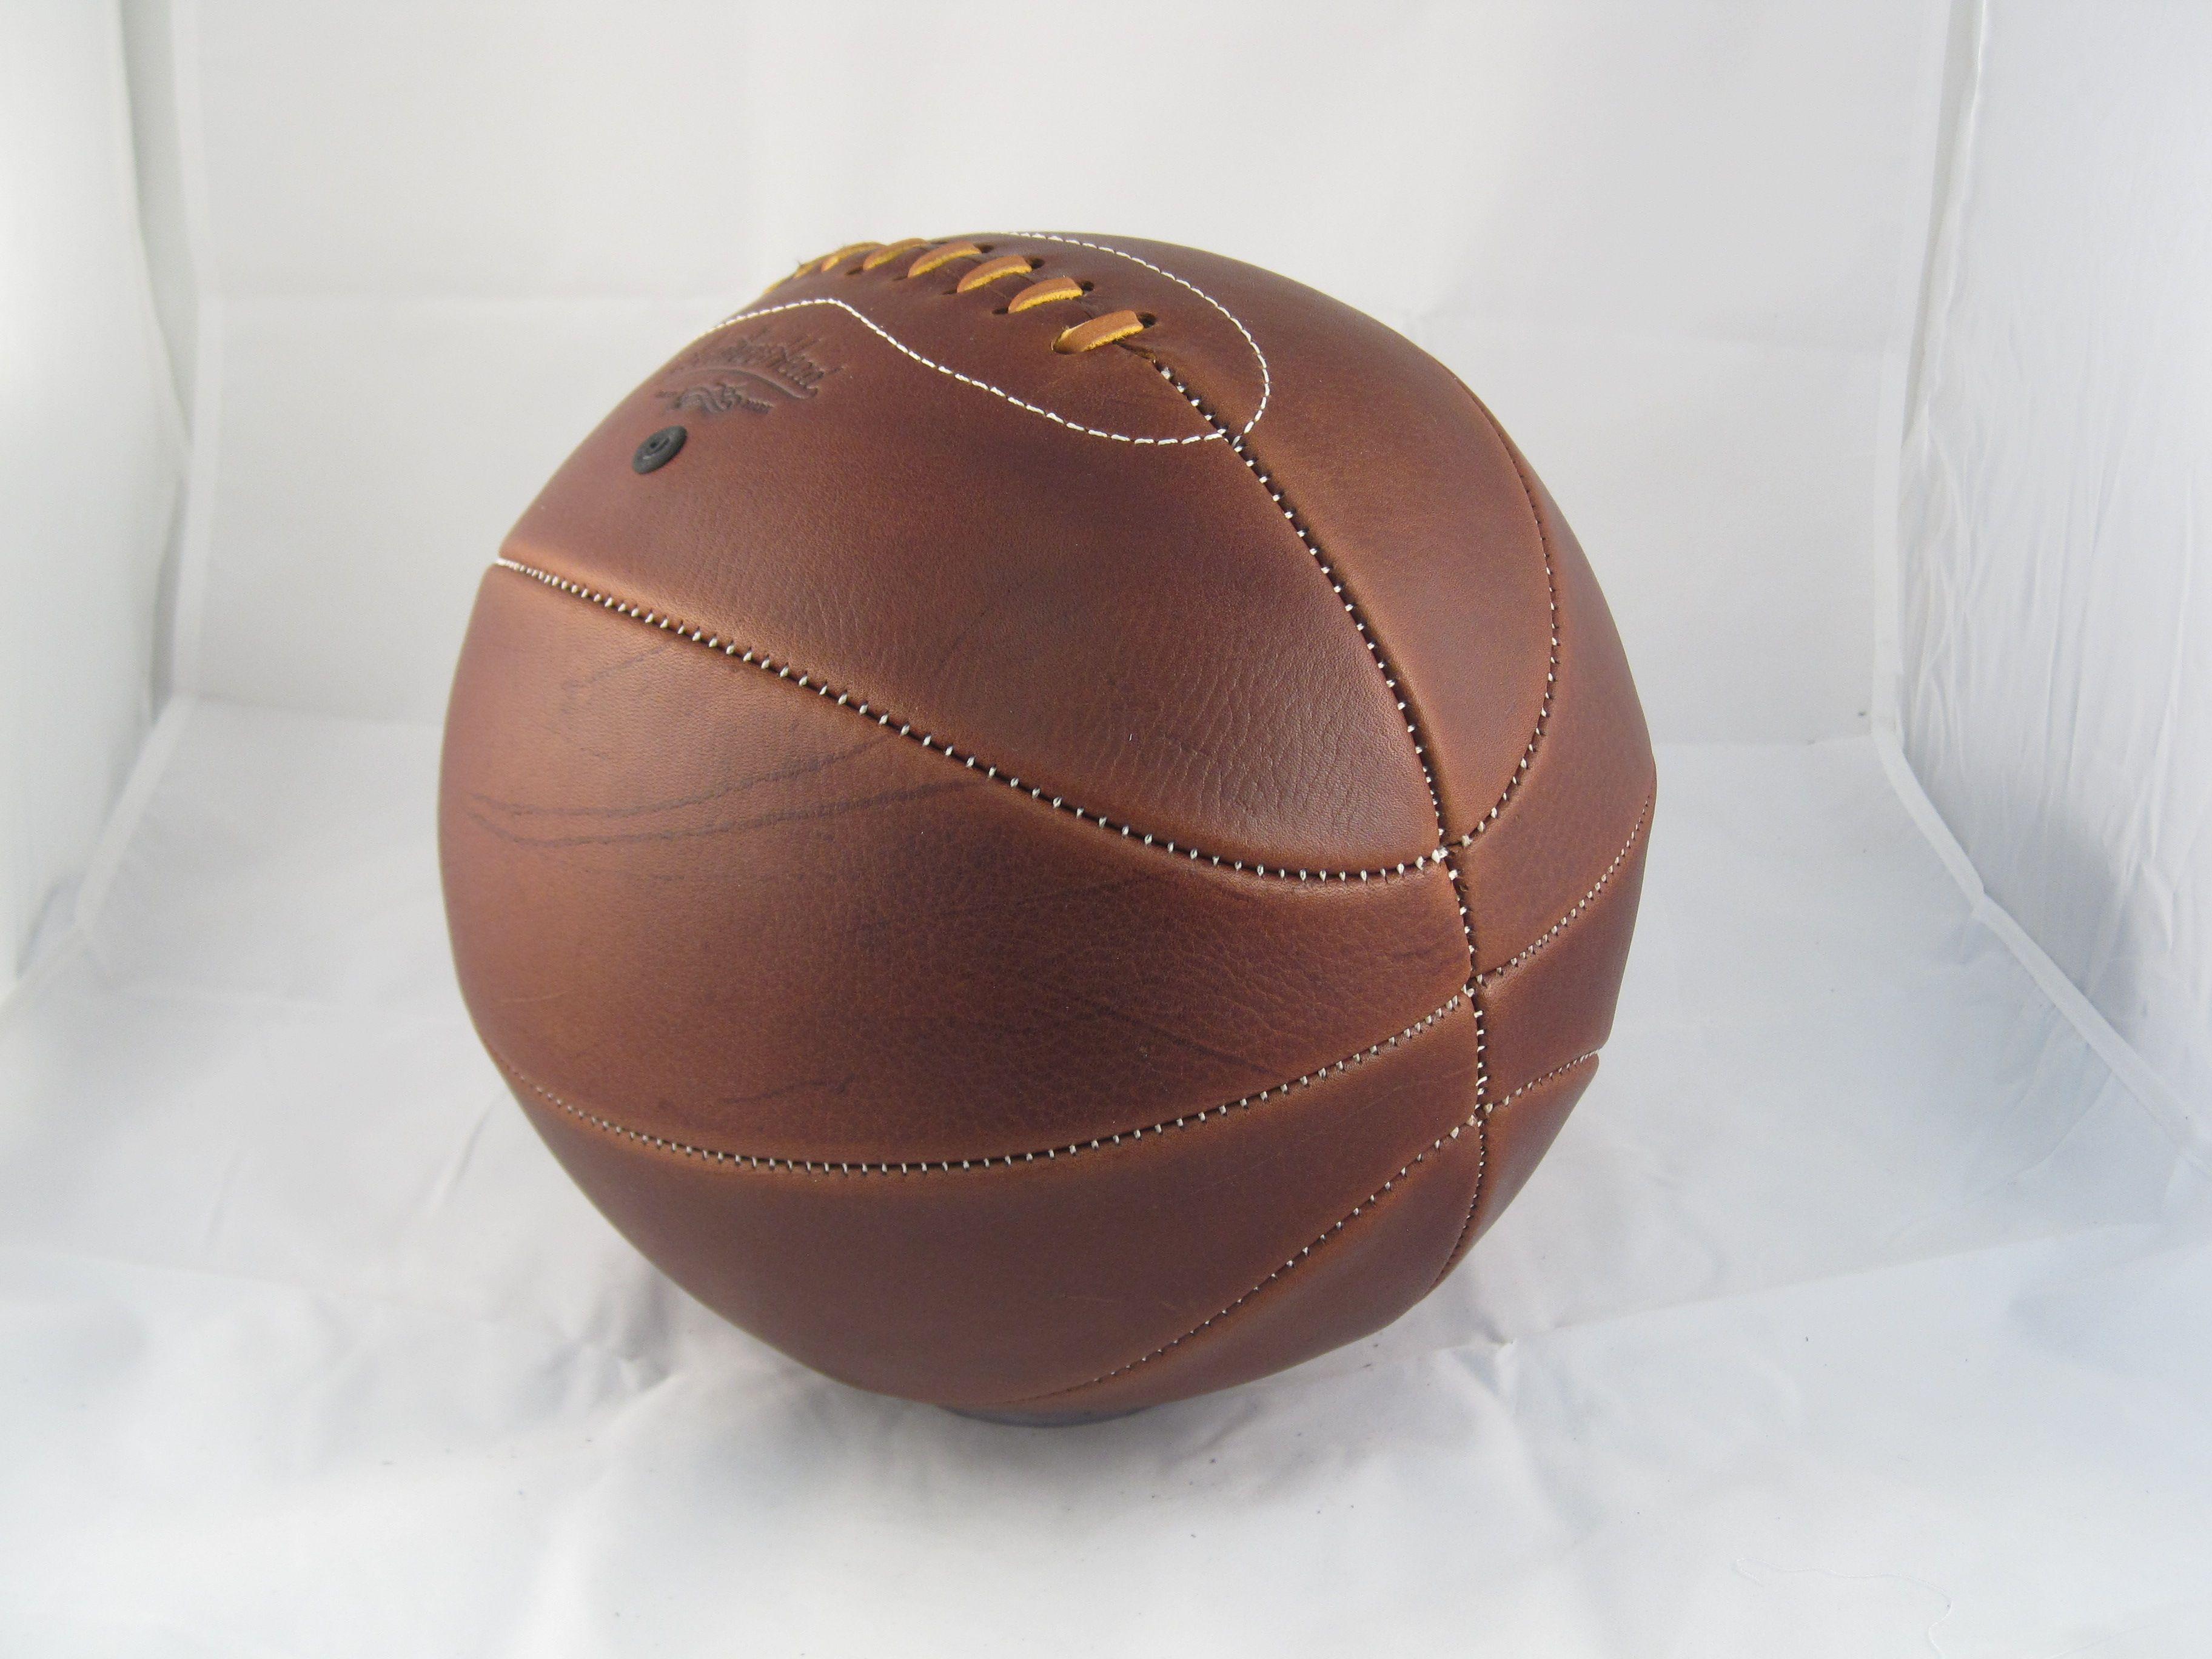 af7a4e4e99e Leather Head Basketball Handmade Basketball, Leather Basketball ...